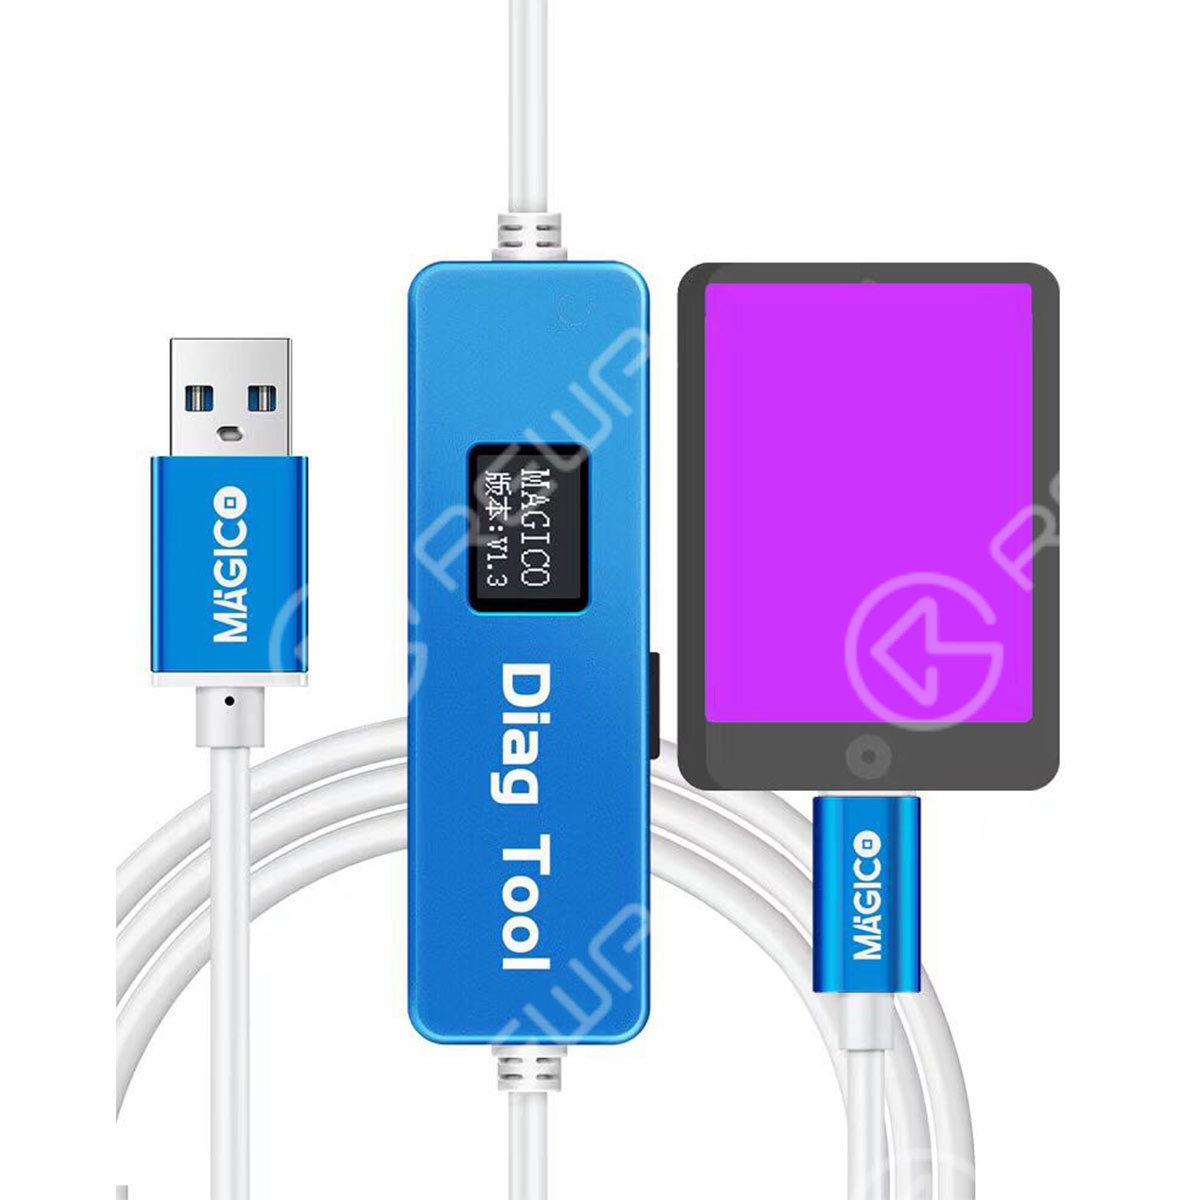 Magico Diag DFU Mode Tool For iPhone/iPad